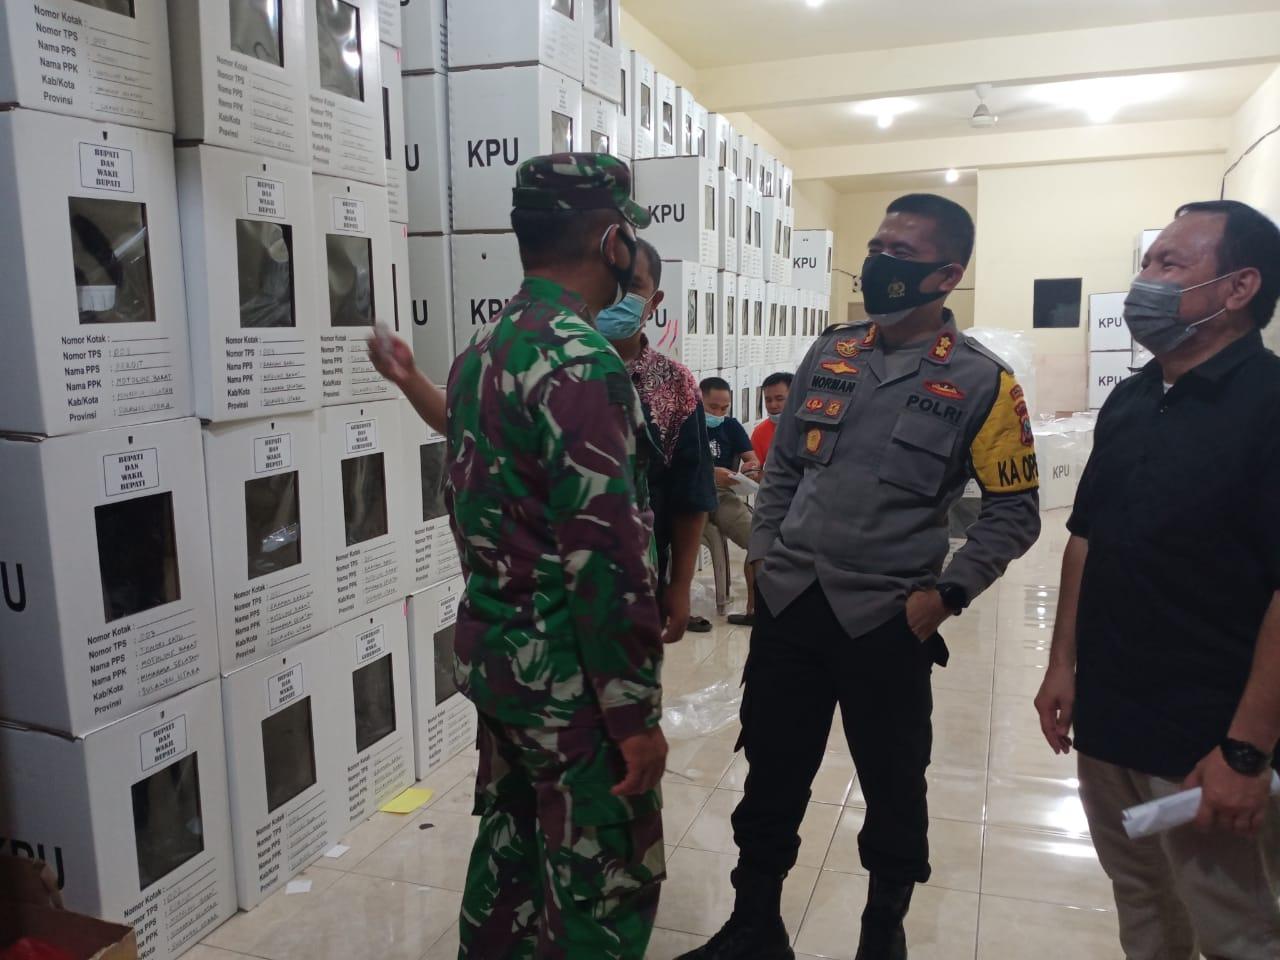 Pendistribusian Logistik Pilkada dari KPU ke PPK di Kawal Polres Minsel